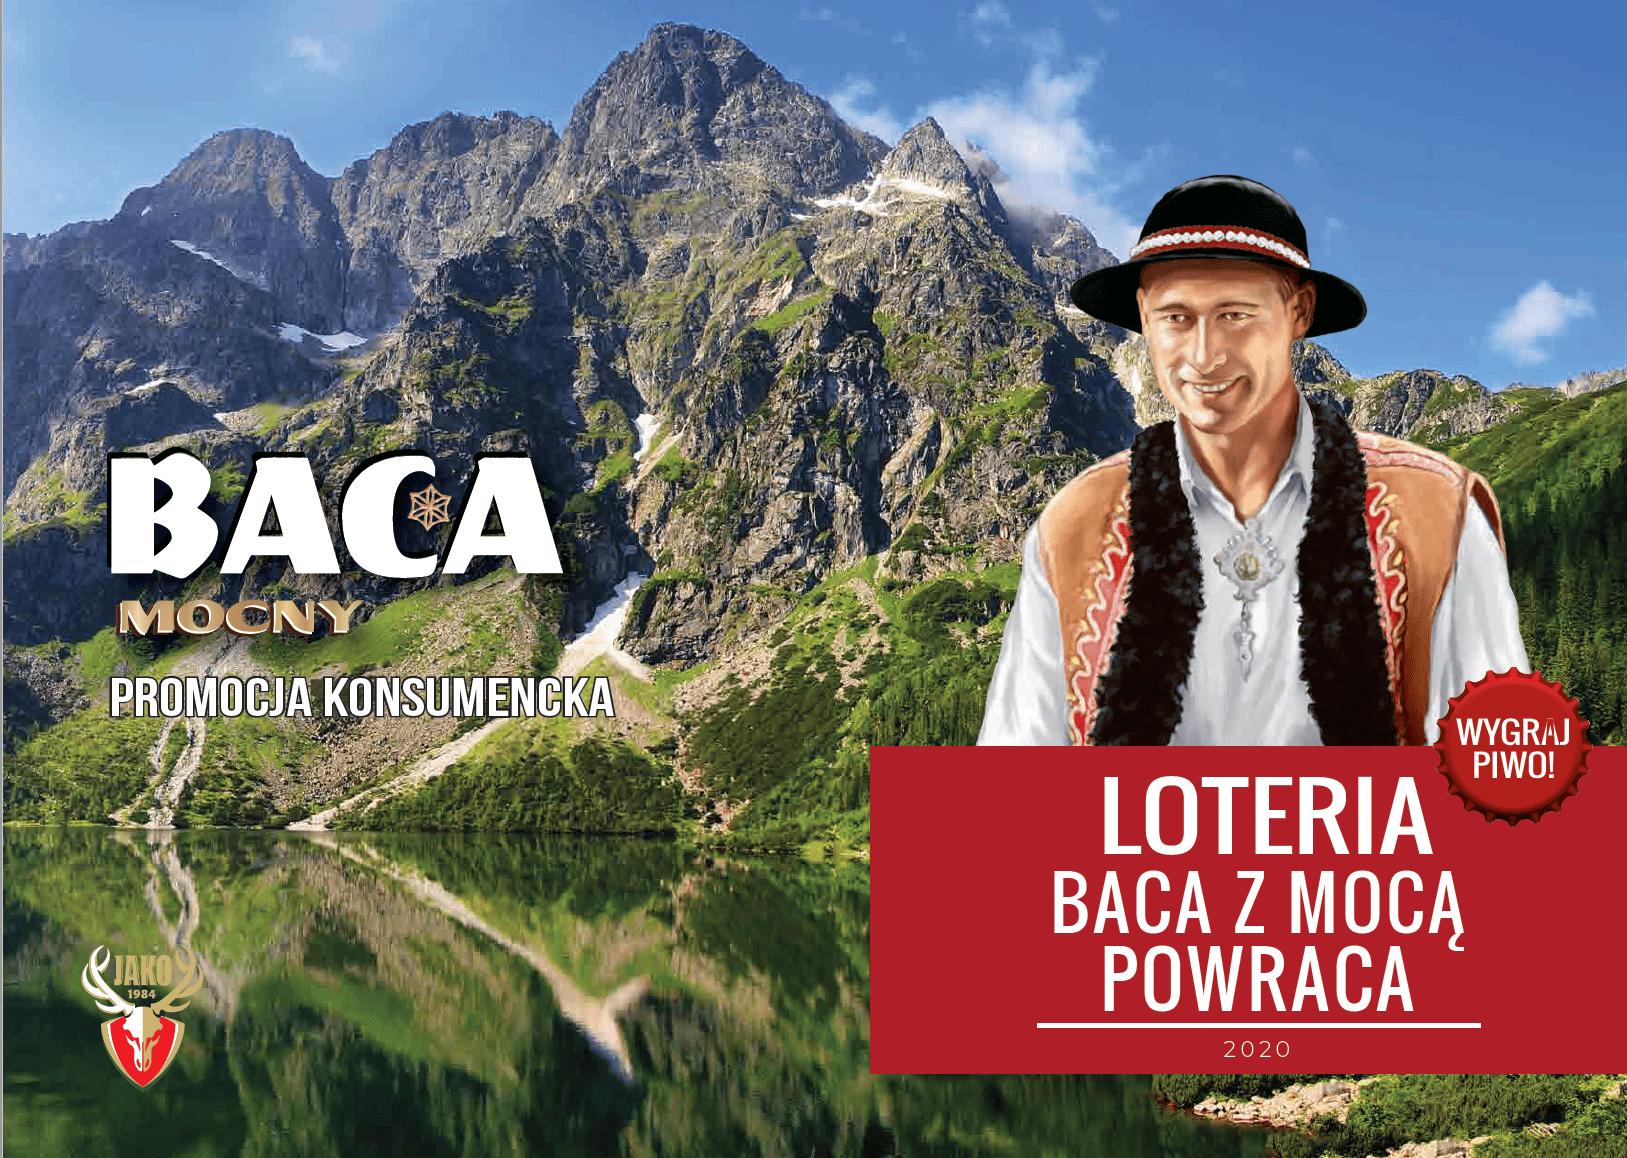 BACA Z MOCĄ POWRACA Nowa edycja promocji kapslowej 300 tys. piw do wygrania! - baca loteria